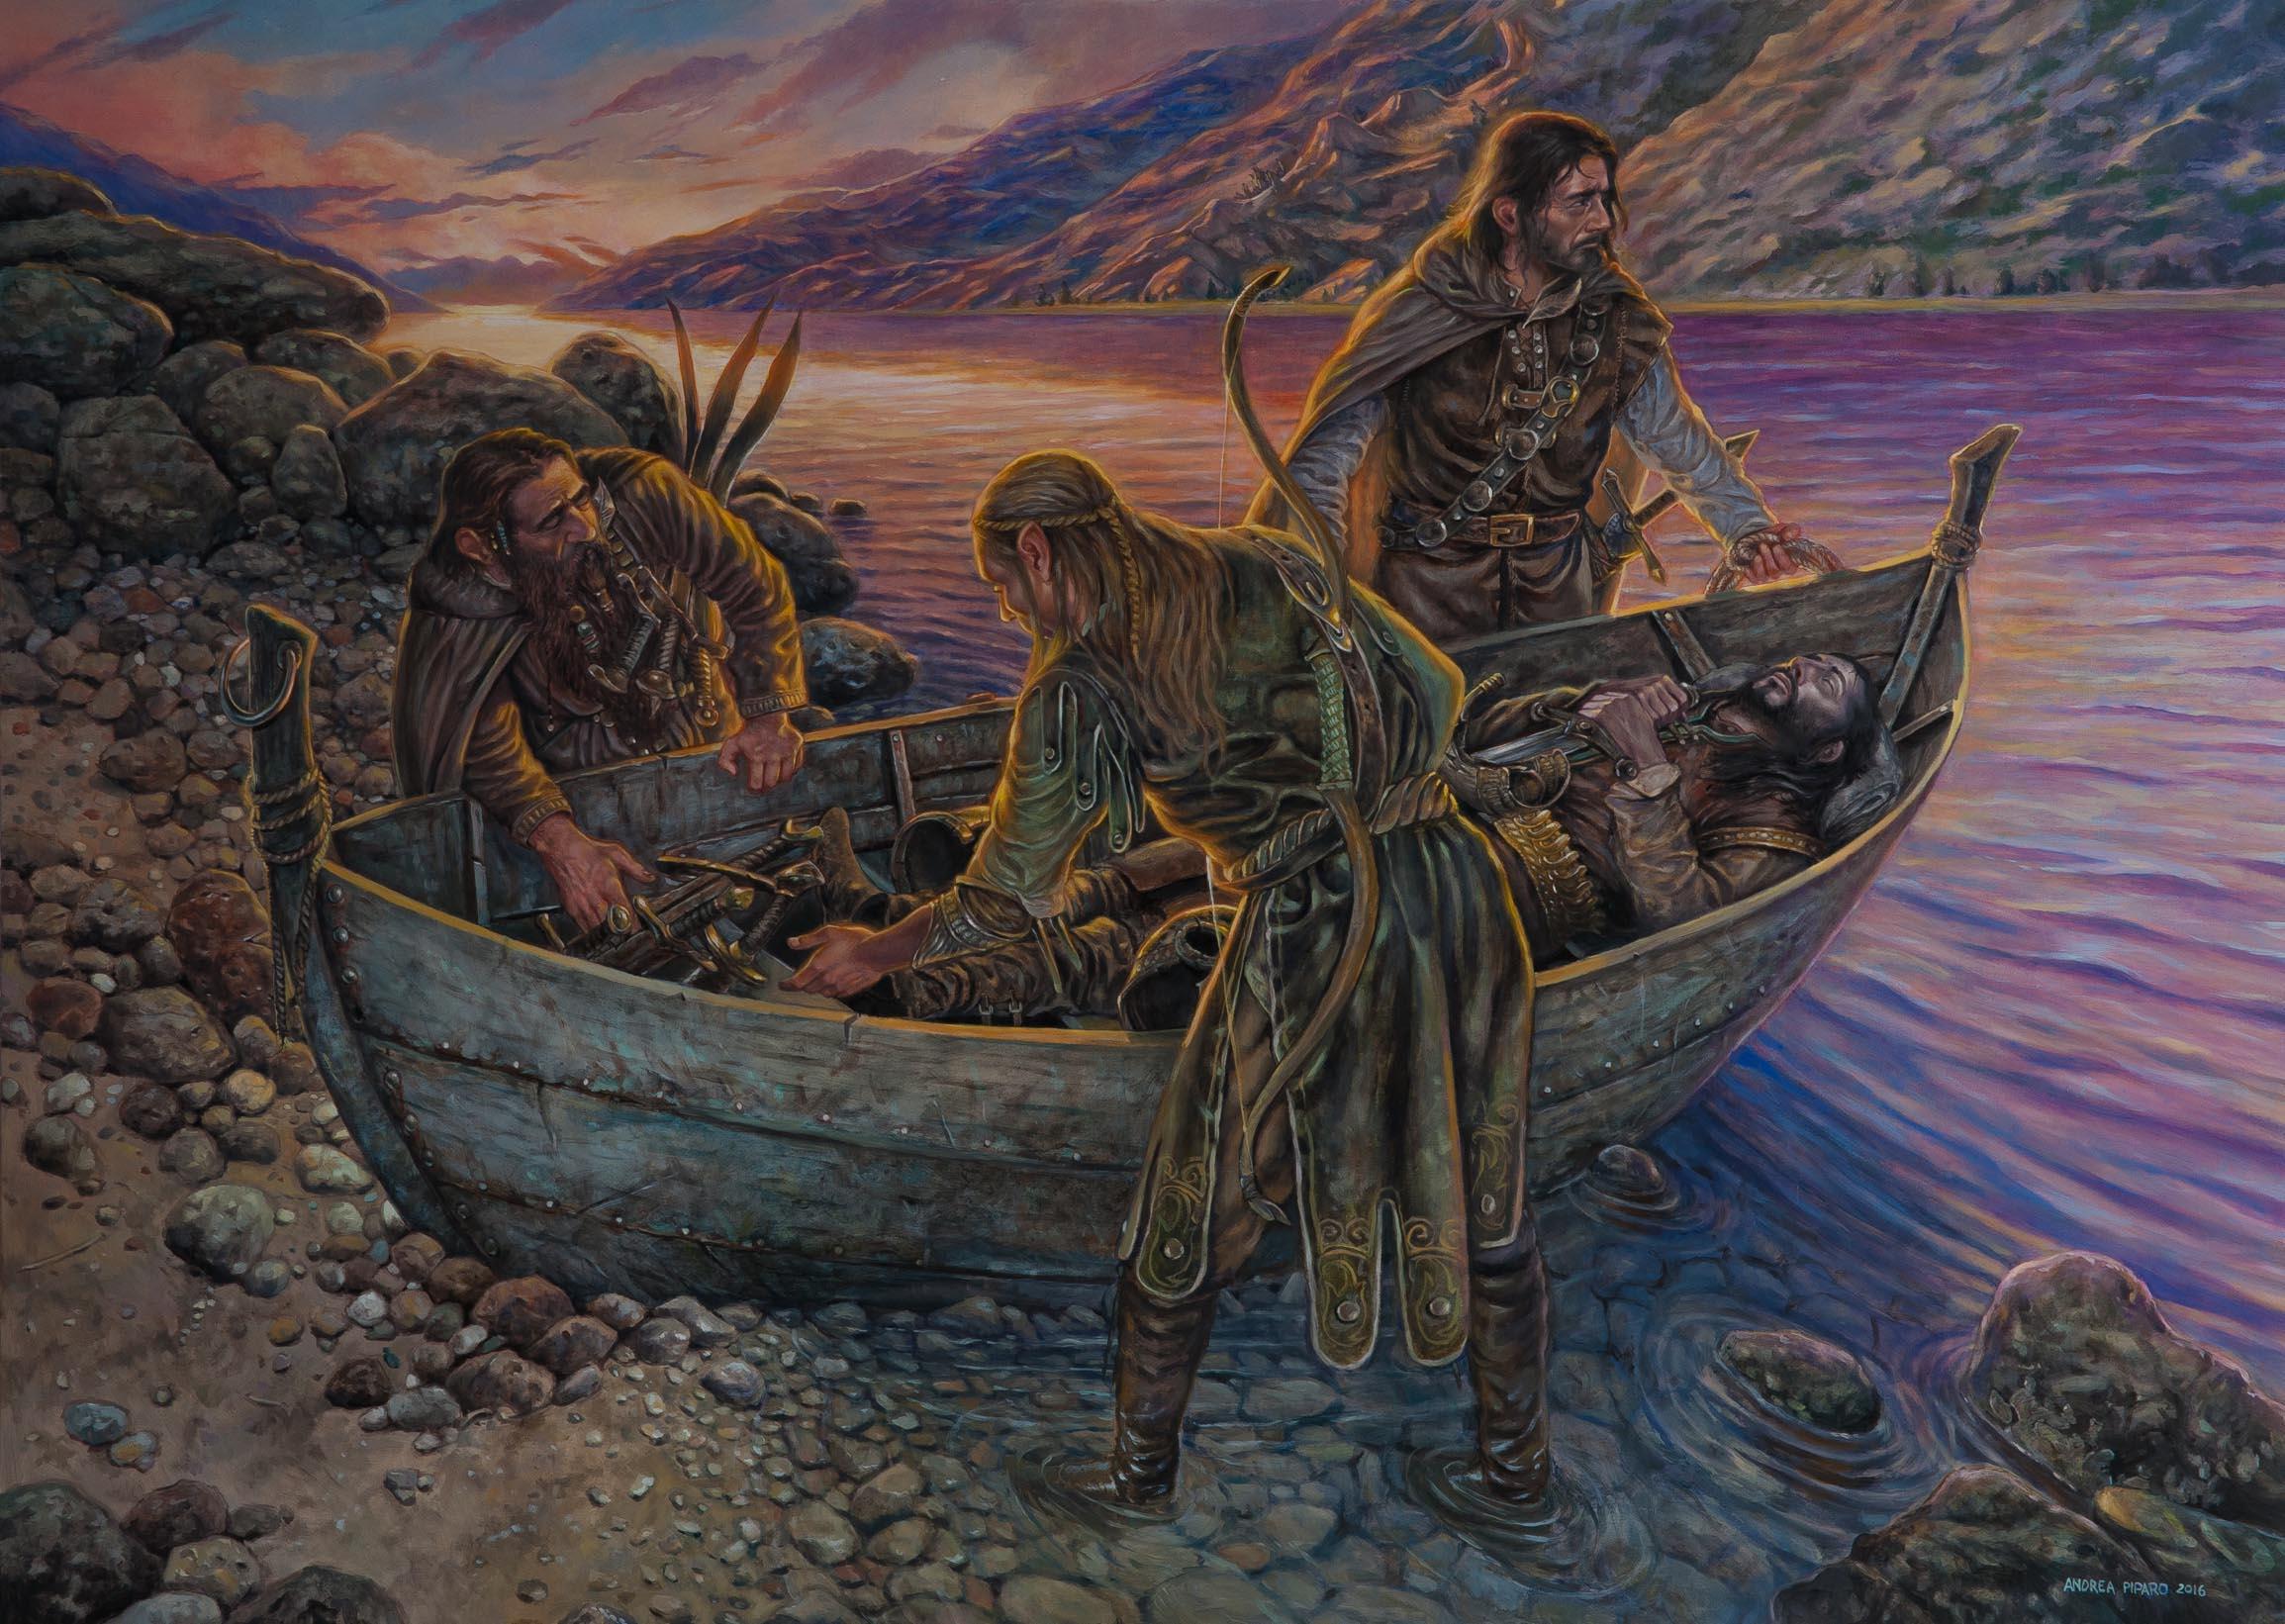 L'addio di Boromir - Il Signore degli Anelli - di Andrea Piparo